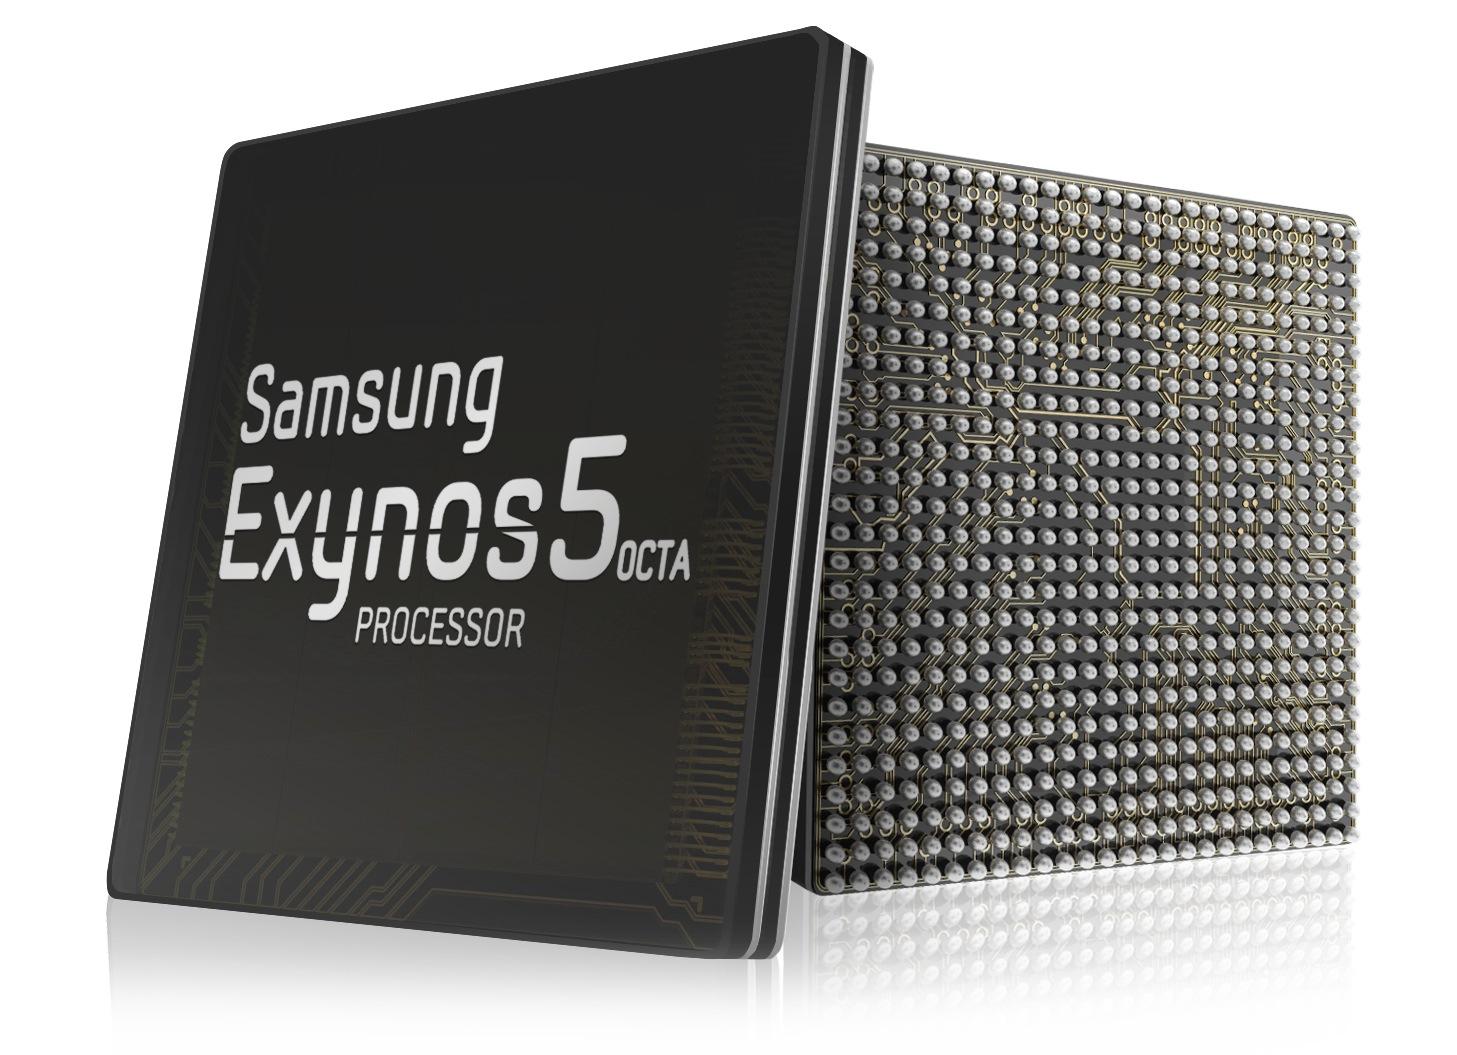 三星正在招聘苹果和 AMD 芯片工程师,自研芯片